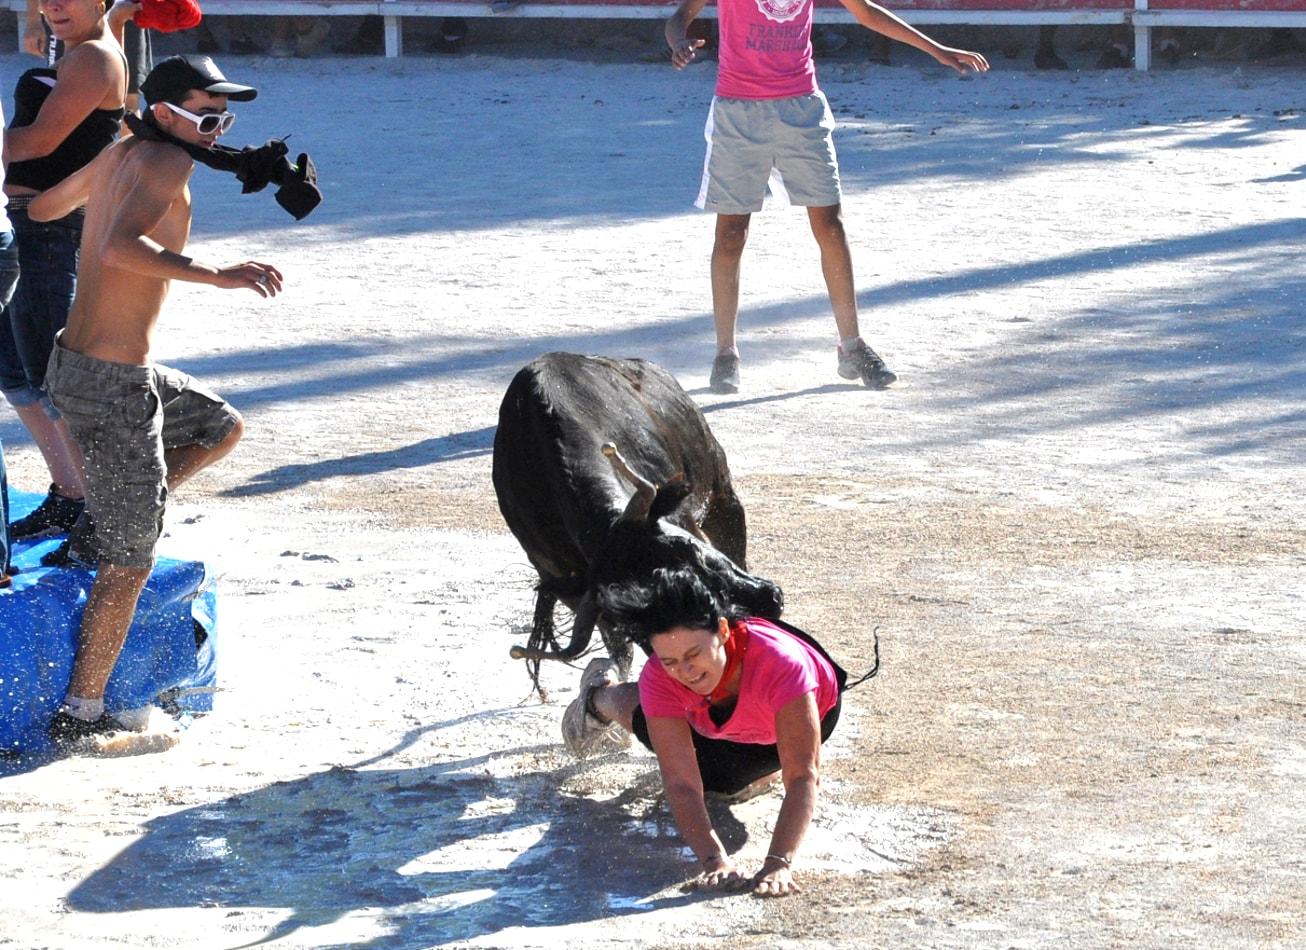 toro piscine taureau jeux vachette arene corrida montpellier activites